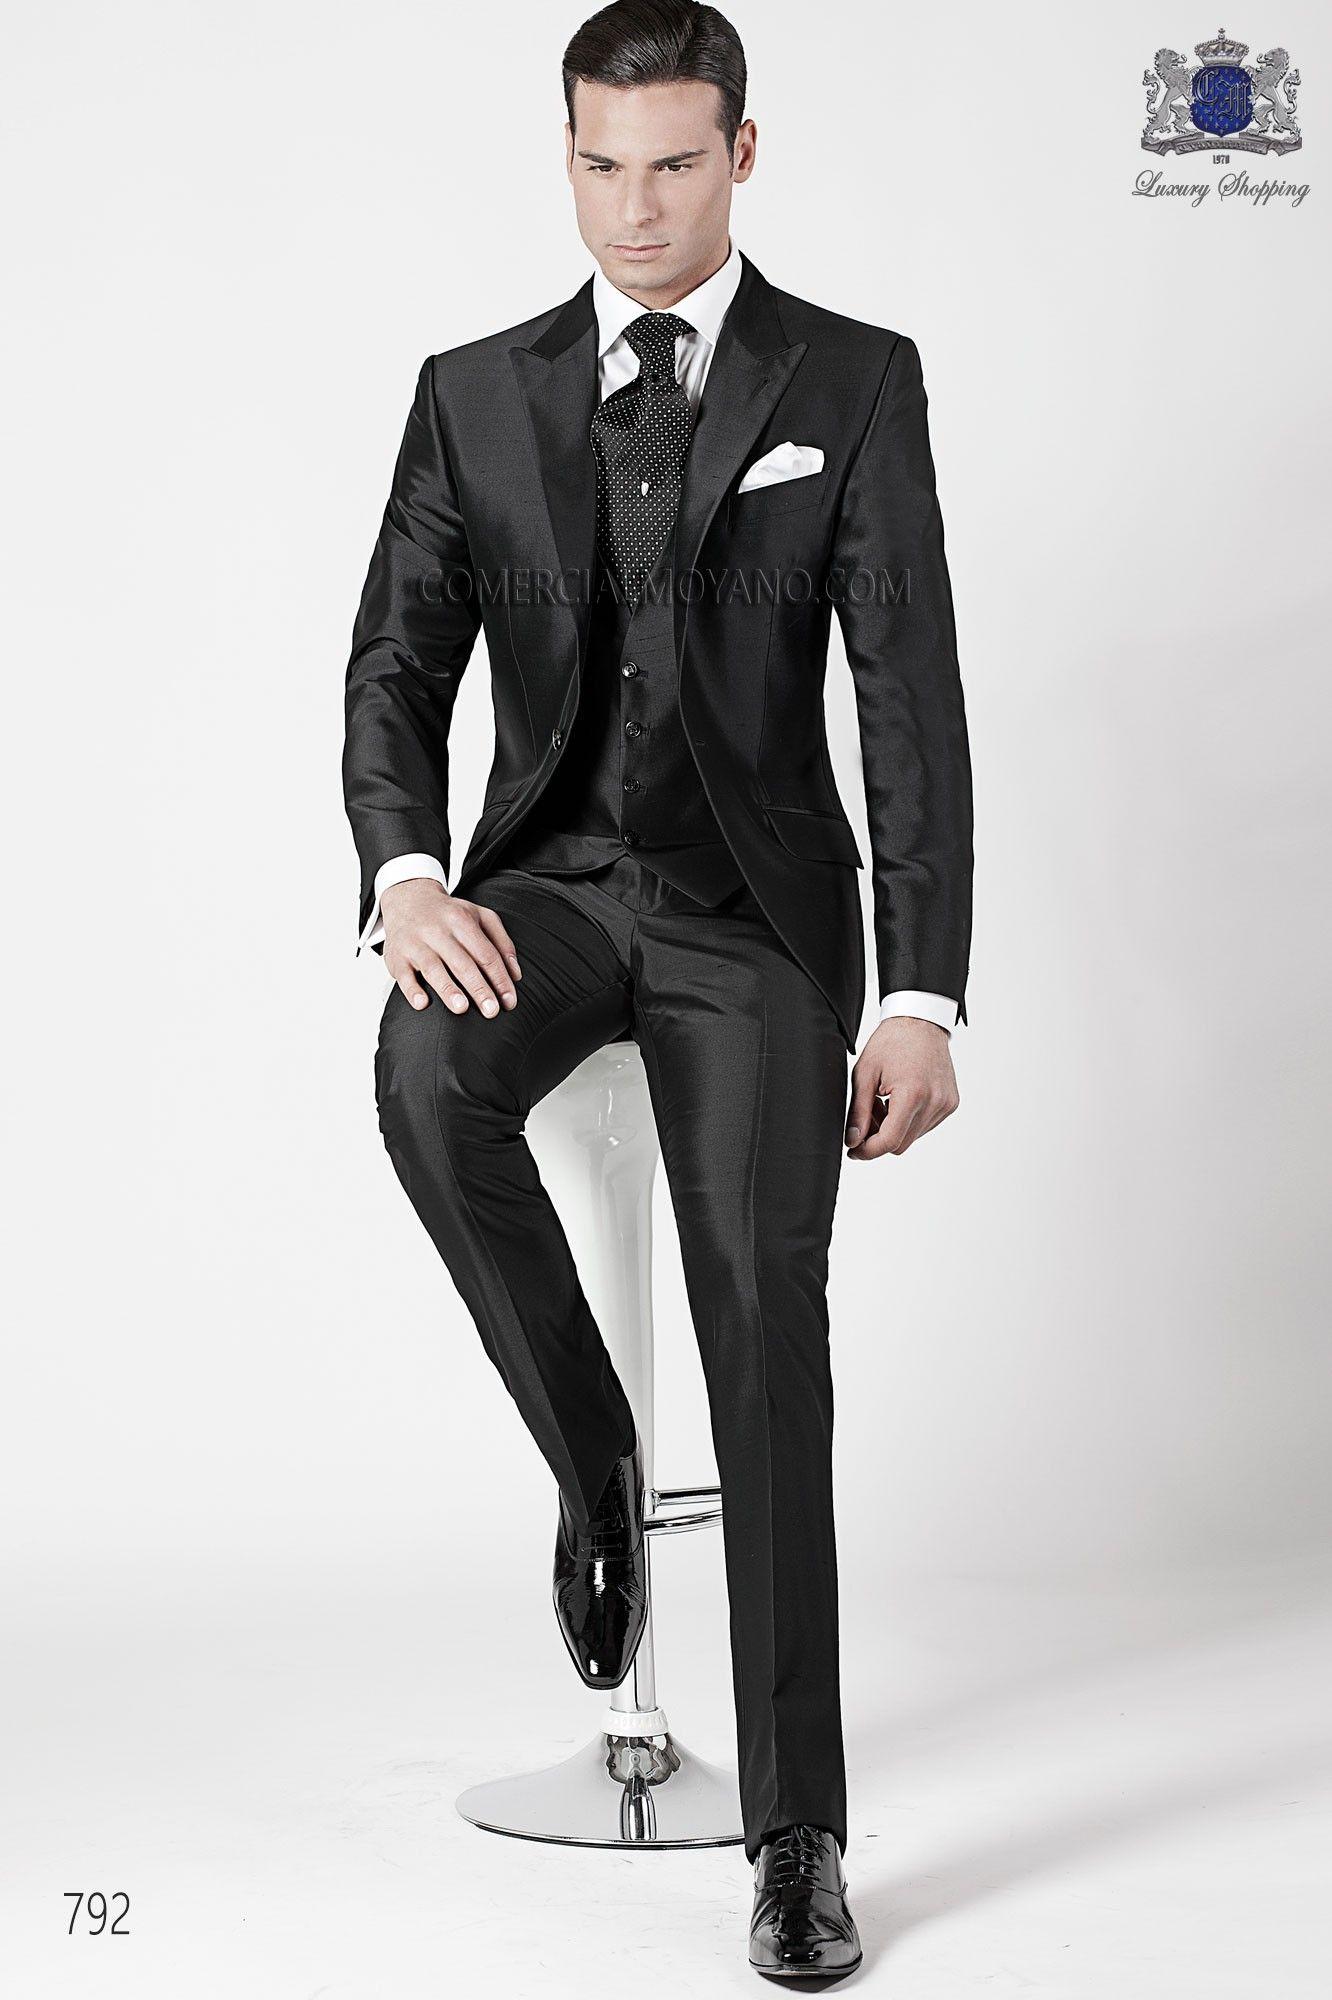 Traje de novio italiano a medida 3 piezas en tejido negro seda shantung con  solapa pico y 1 boton 55a38371f6c